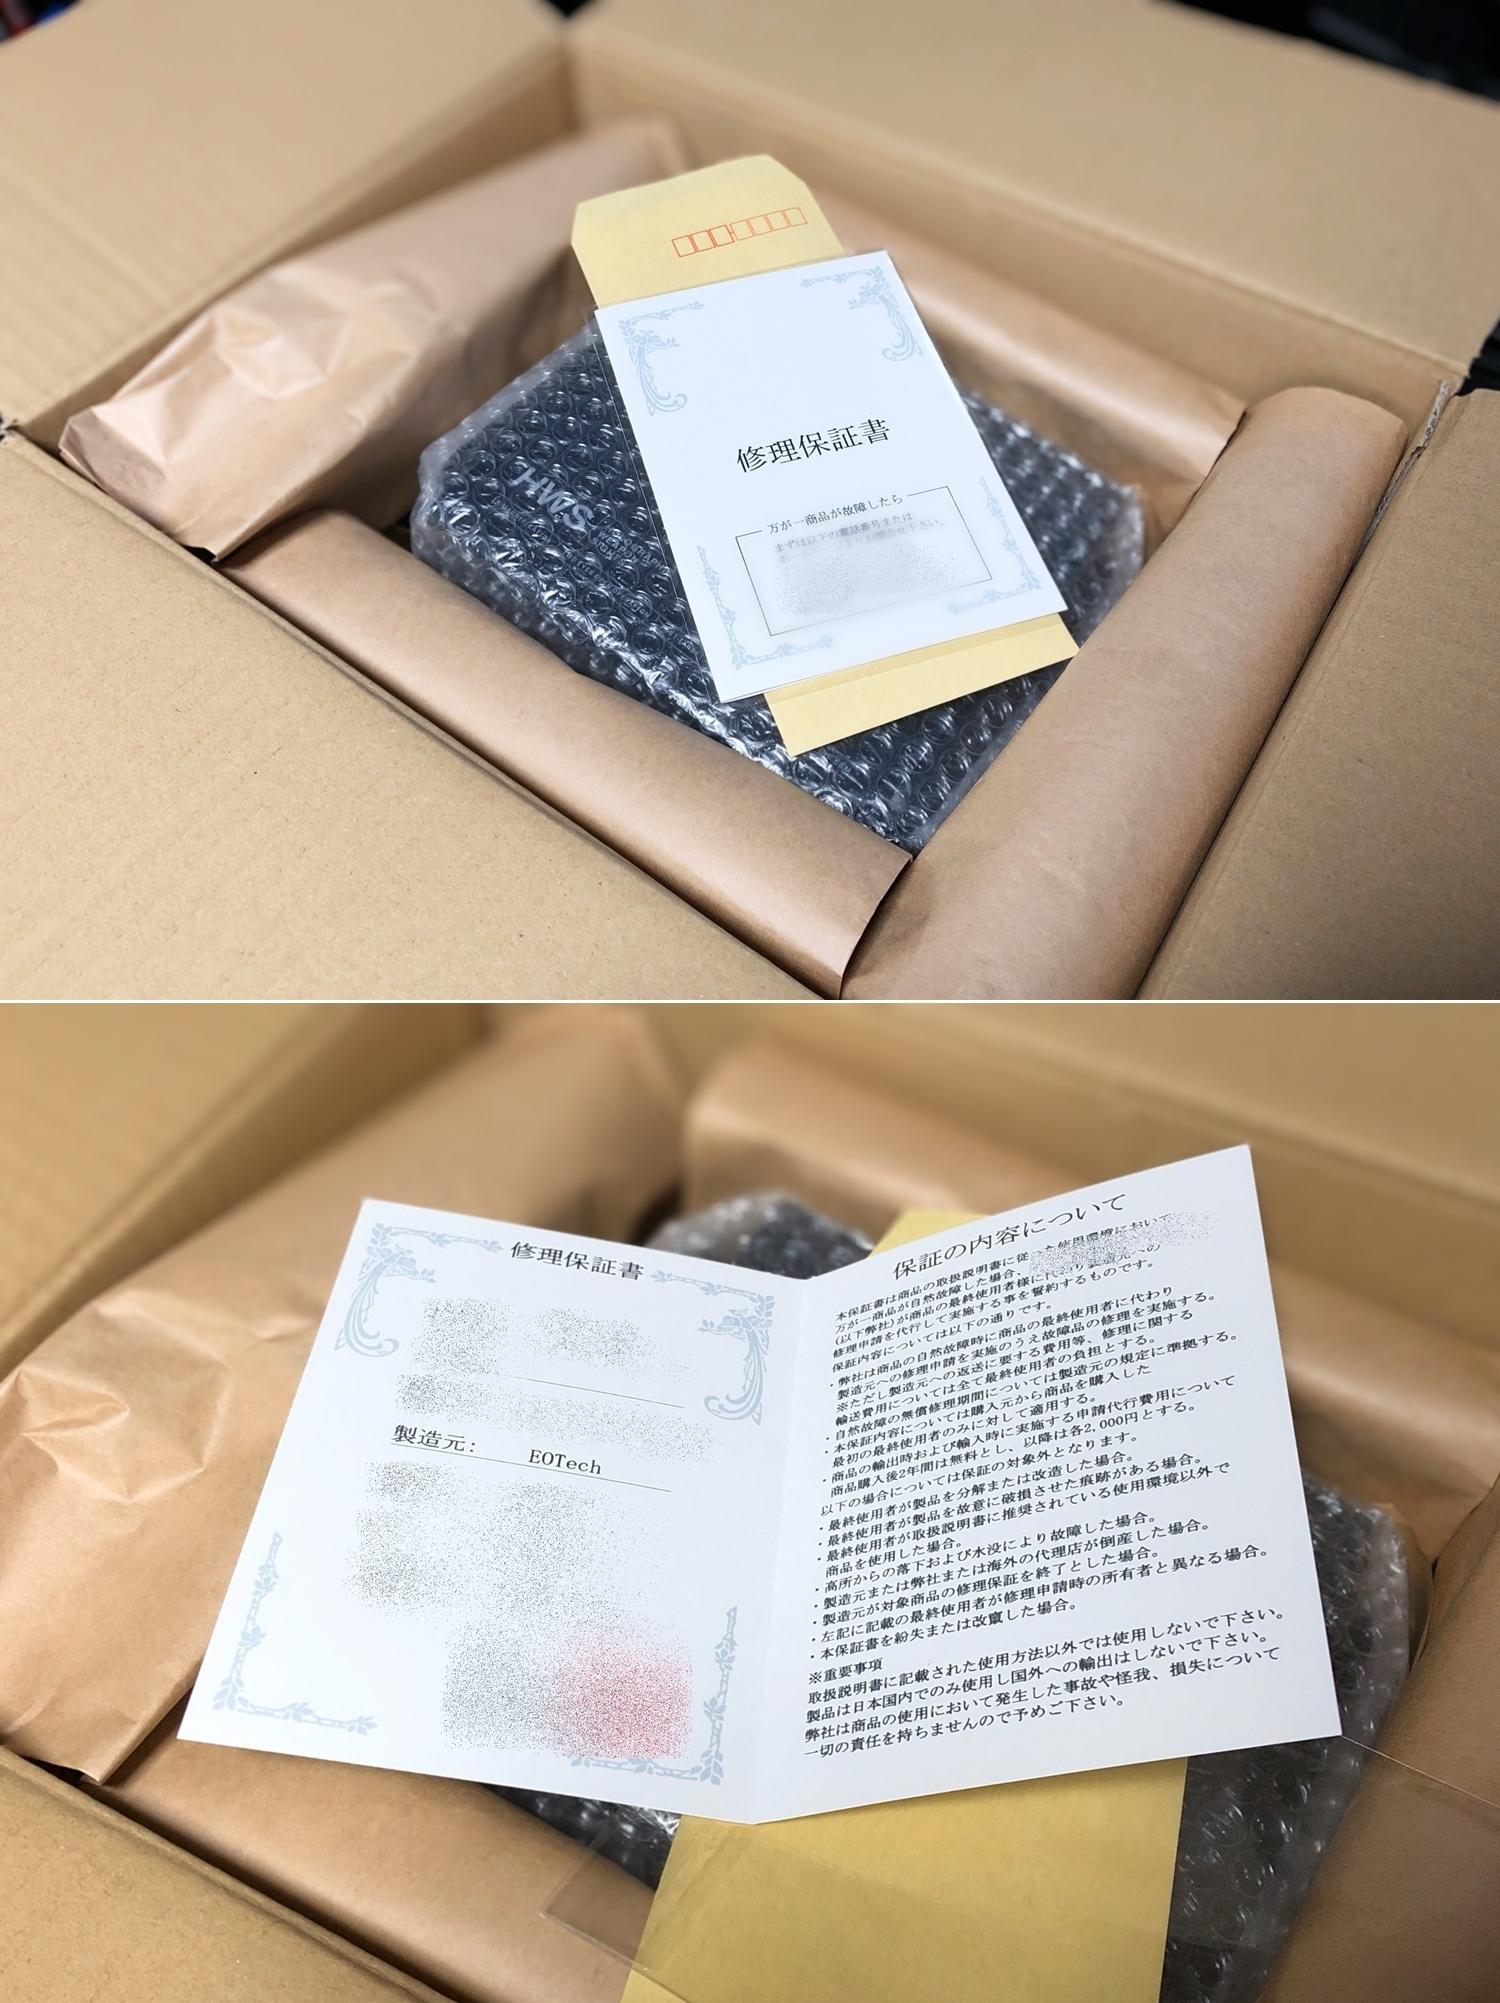 2 実物 EOTech XPS3-0 HOLOGRAPHIC SIGHT BLACK GET!! 次世代 M4 CQB-R カスタム 続編!! イオテック ホロサイト 購入 取付 レビュー!!